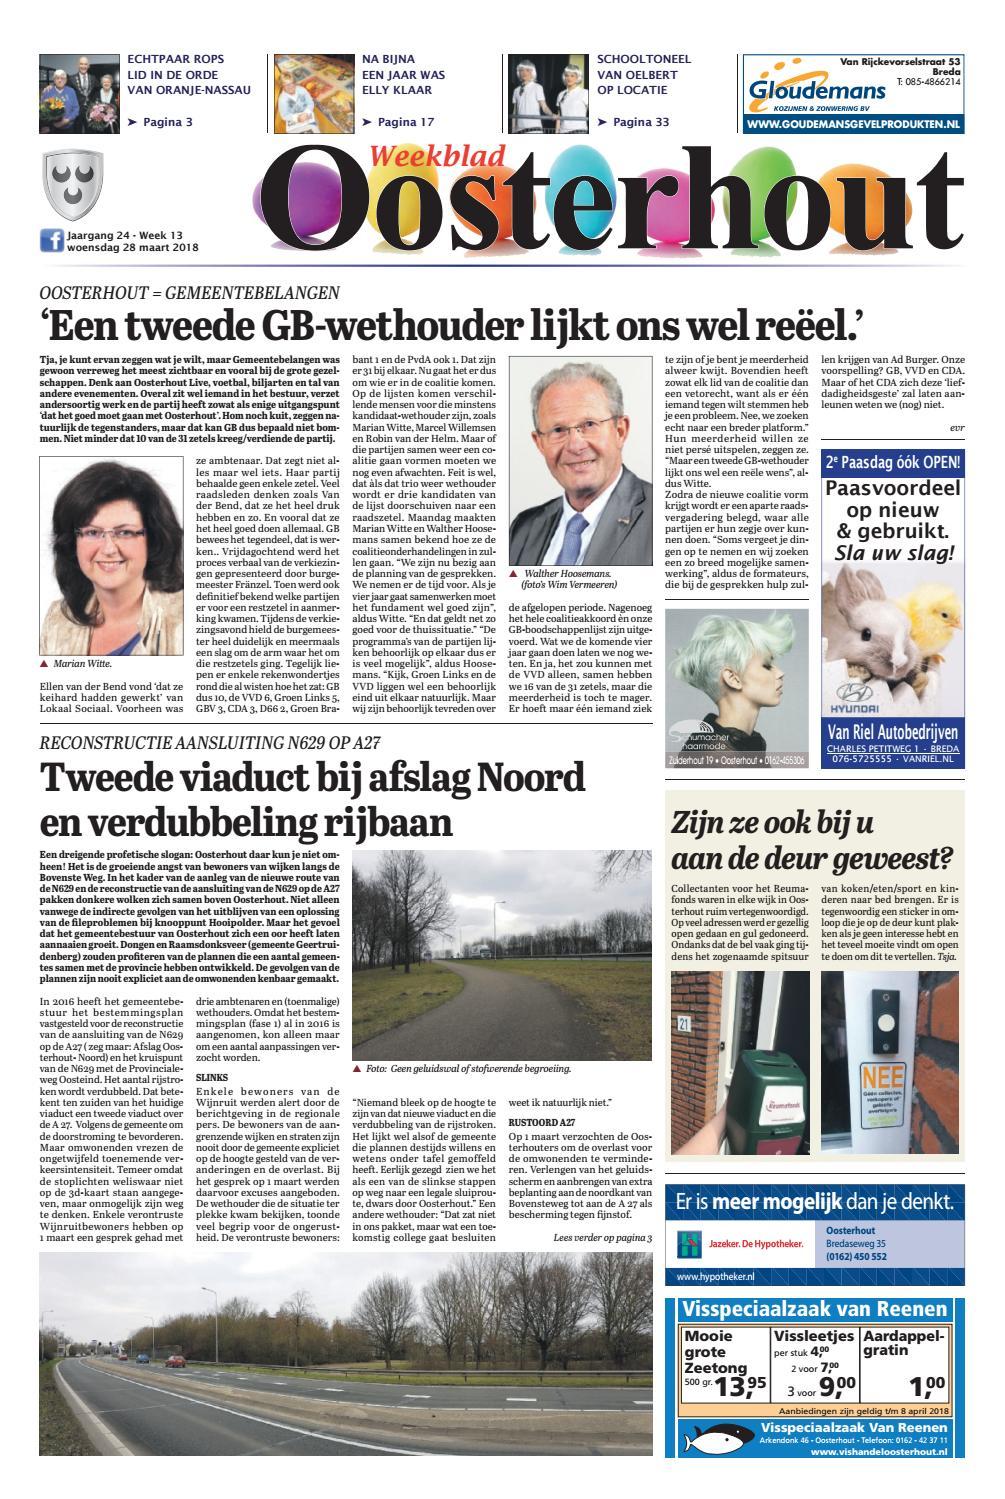 Weekblad Oosterhout 28-03-2018 by Uitgeverij Em de Jong - issuu a52ce209cc